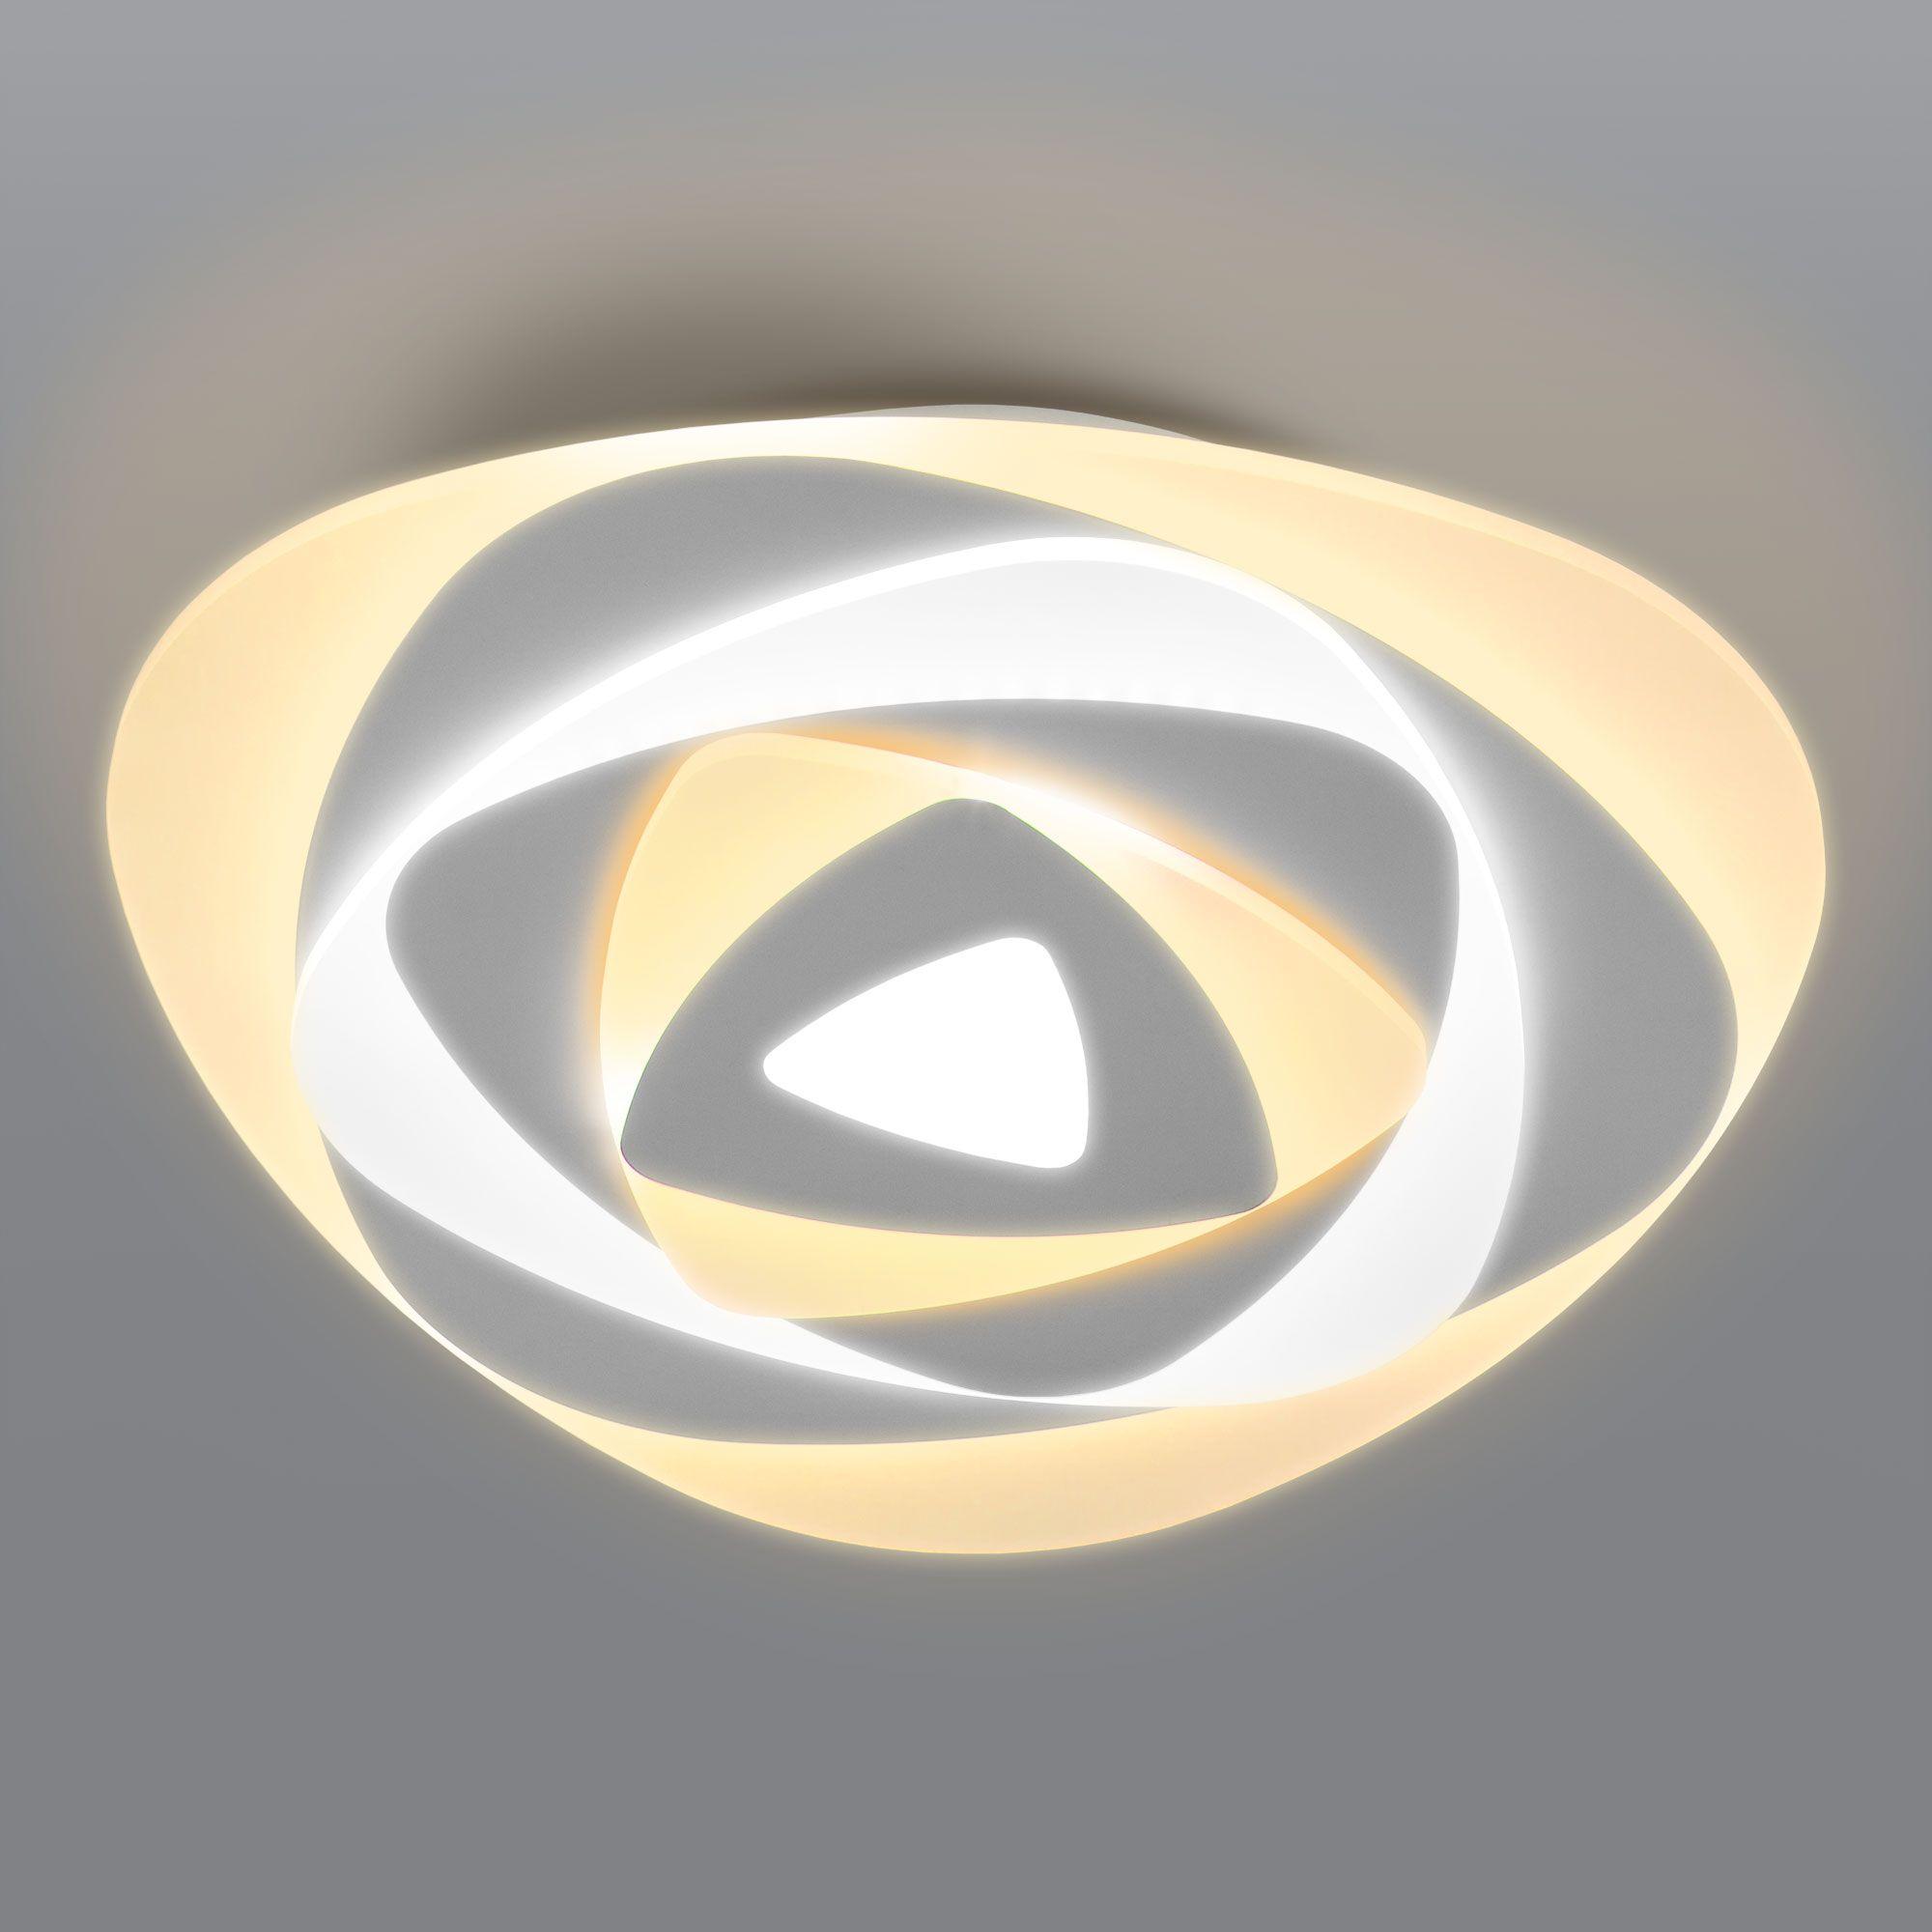 Светодиодный потолочный светильник с пультом управления 90212/1 белый